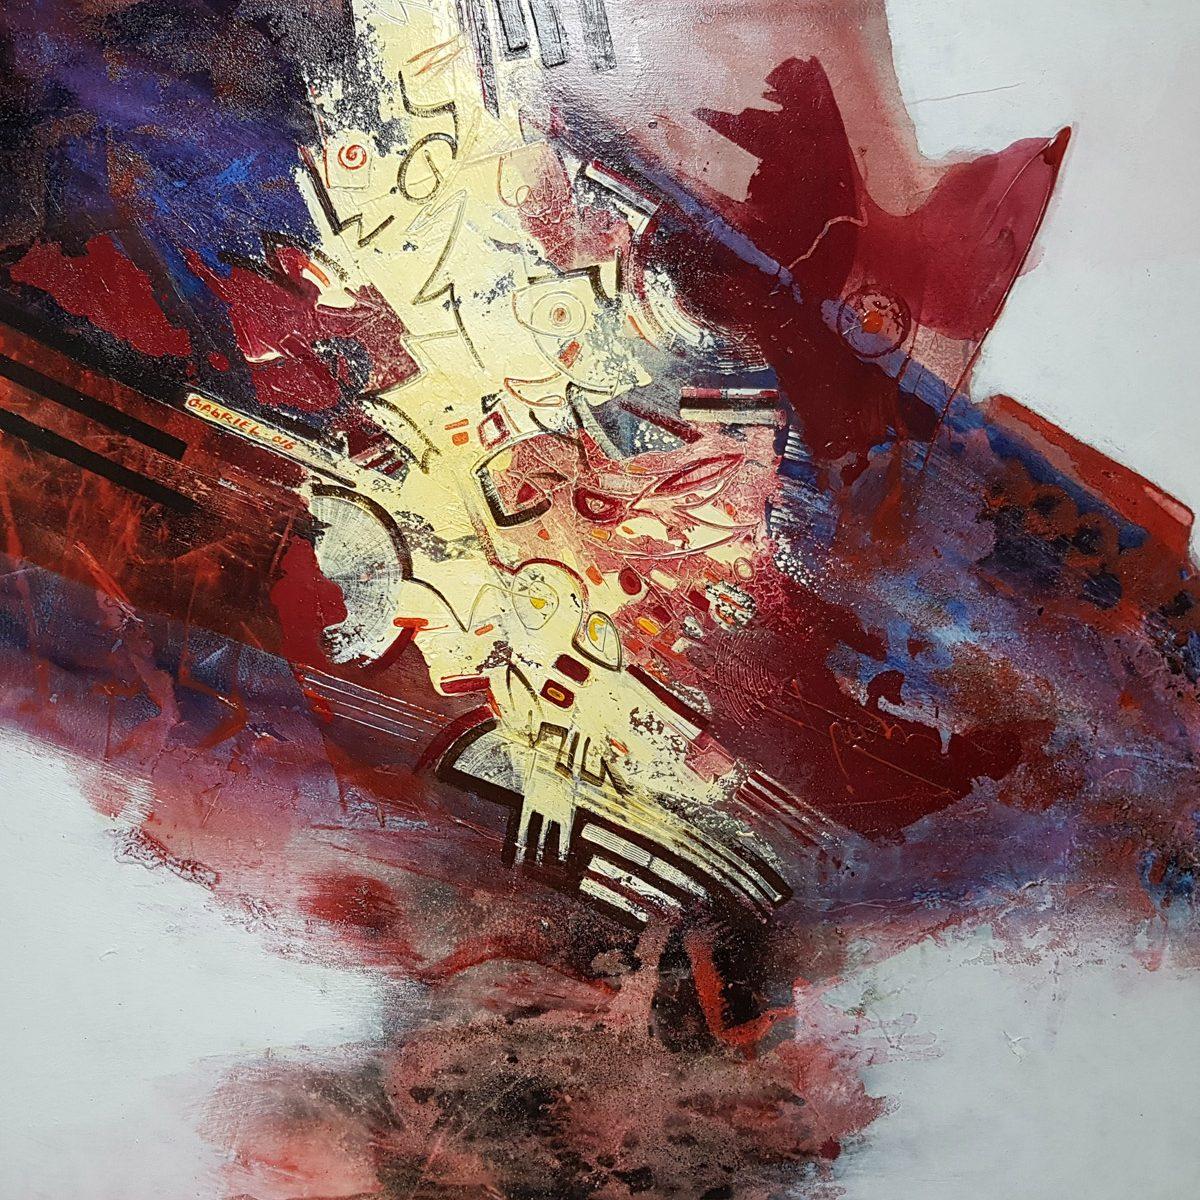 06 Tzveten san acryloil on canvas 100x100cm